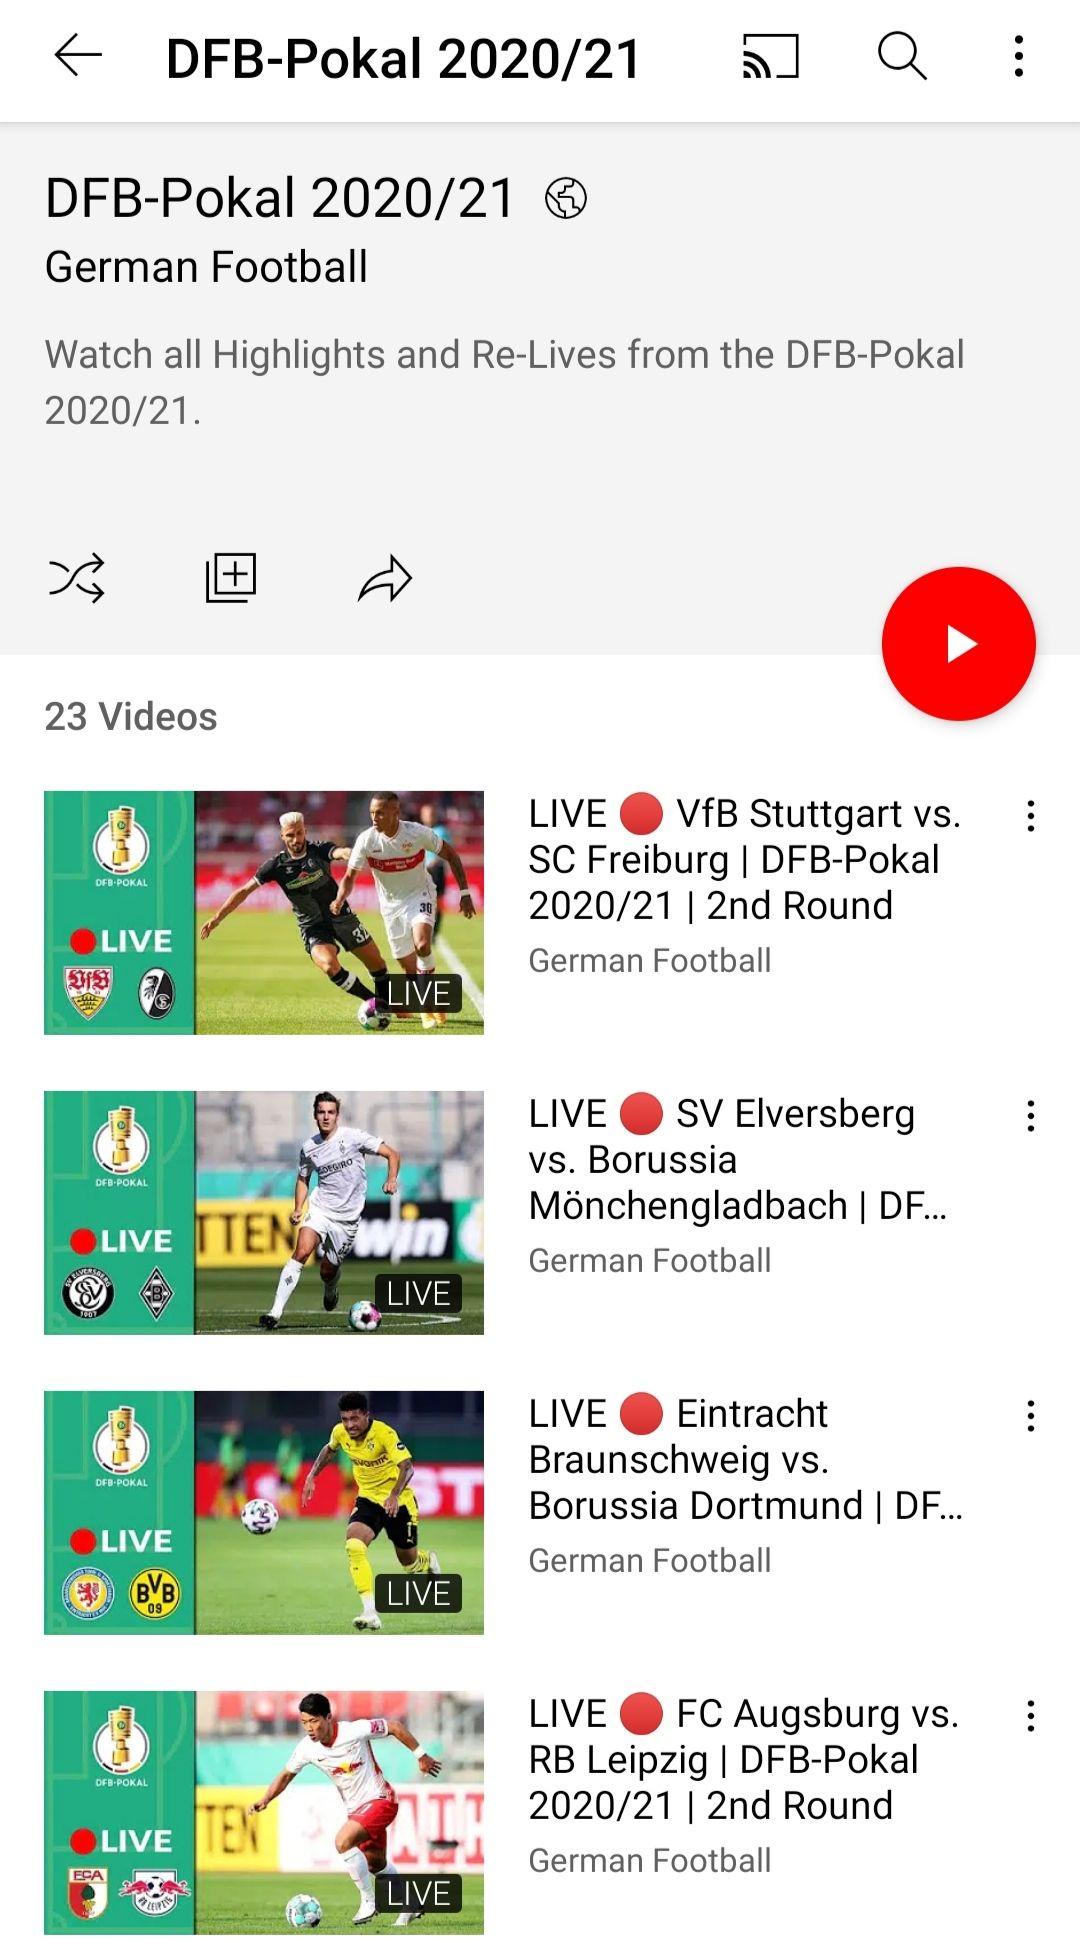 Ausgewählte Spiele der zweiten DFB-Pokalrunde kostenlos auf Youtube - VPN nötig